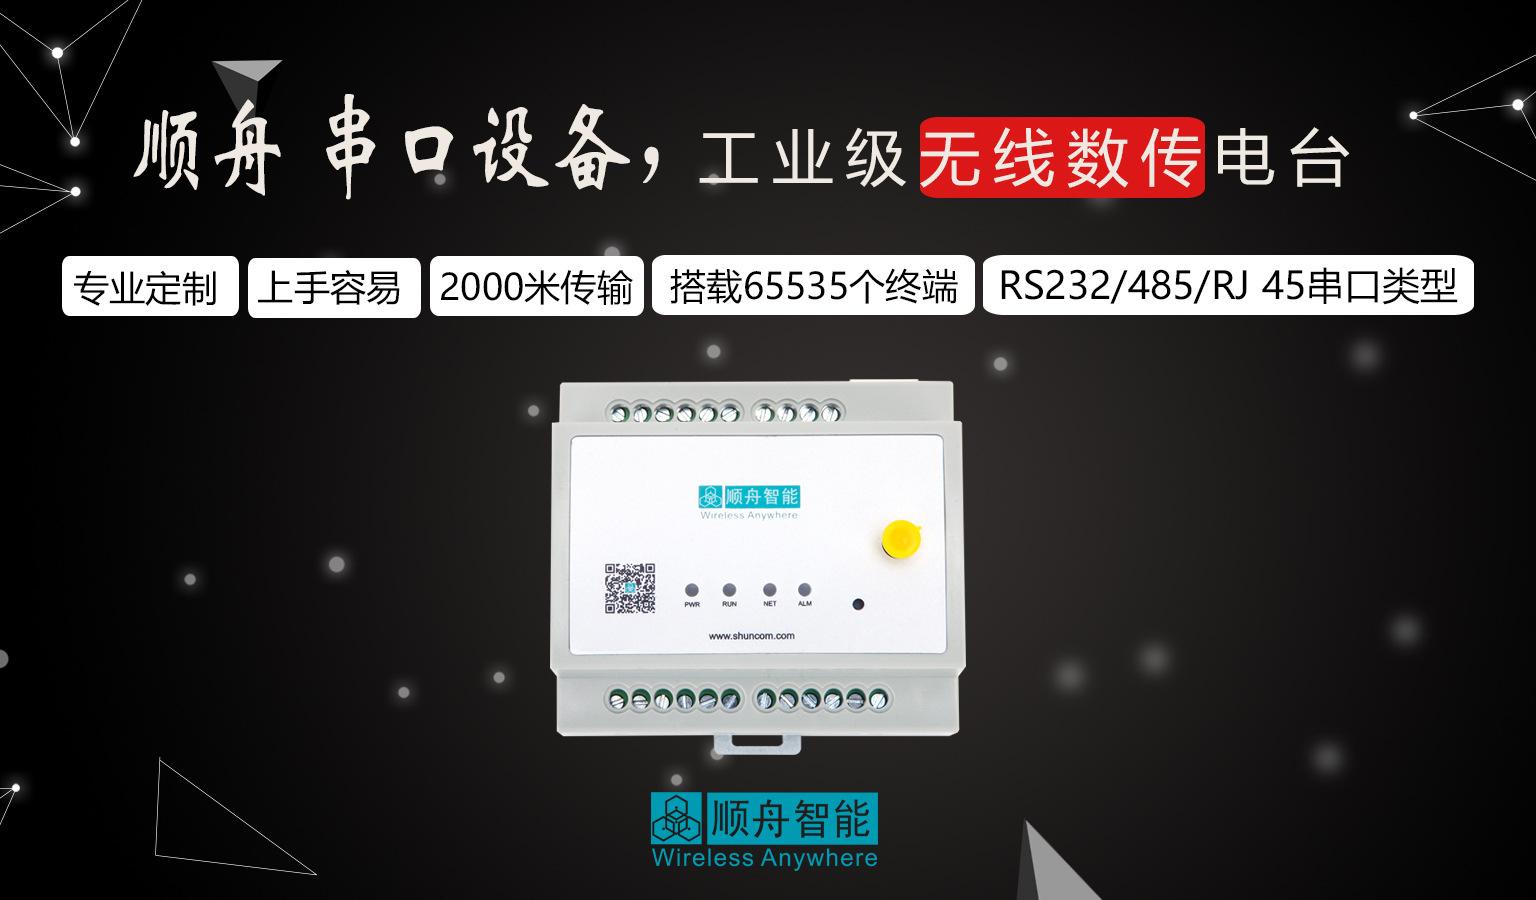 工业串口转换设备 zigbee无线数据传输 一对多/多对多透明传输示例图2